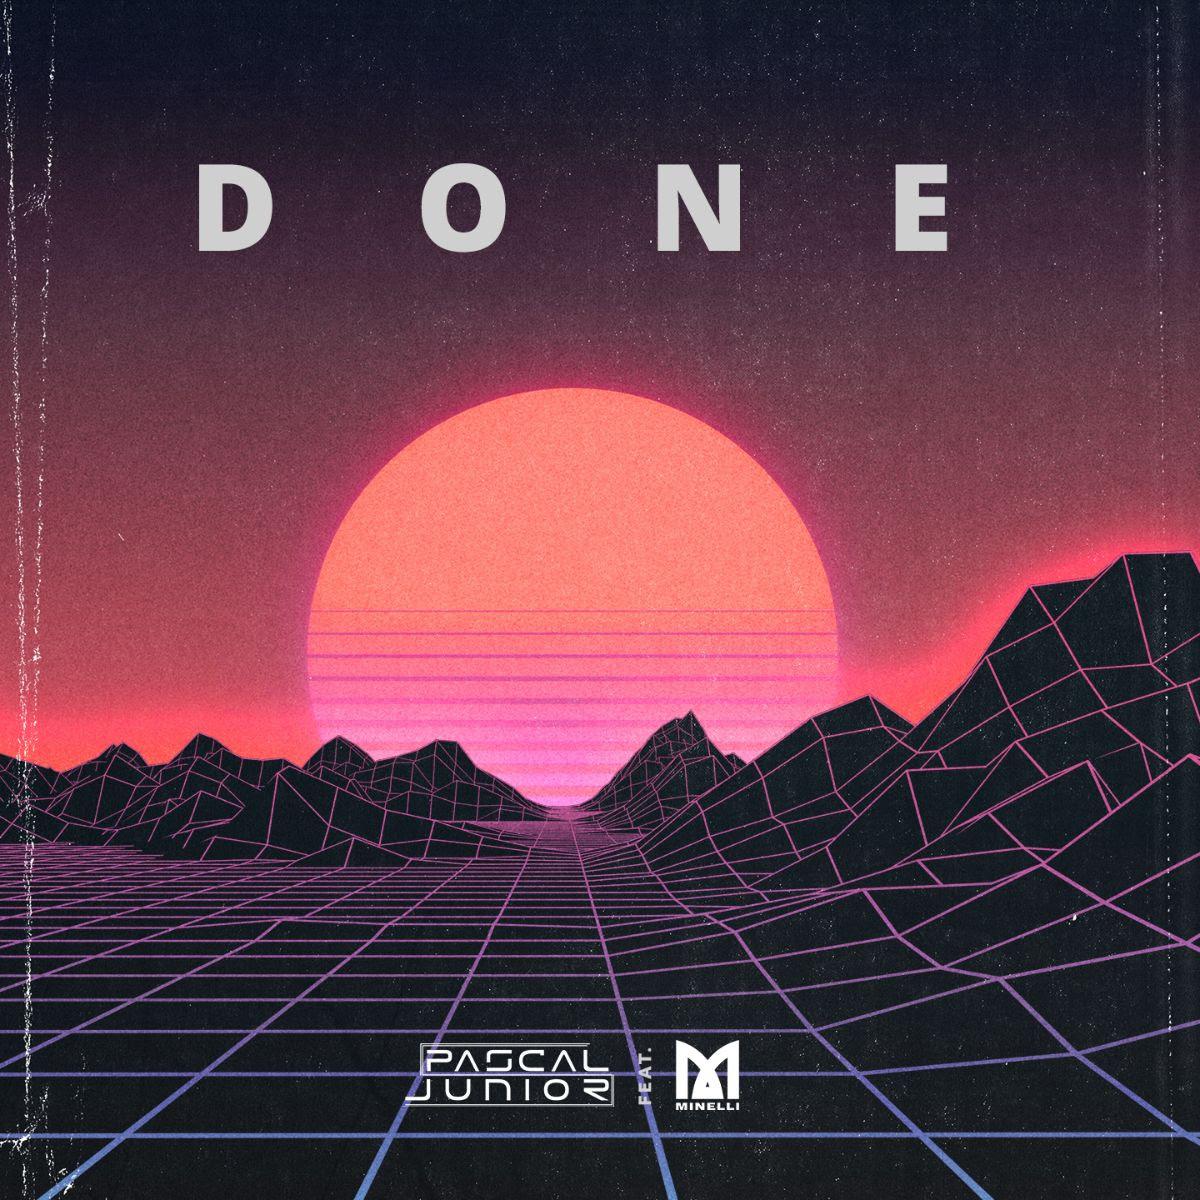 Pascal Junior si Minelli incep anul 2020 cu Done, o piesa ca un film de aventura